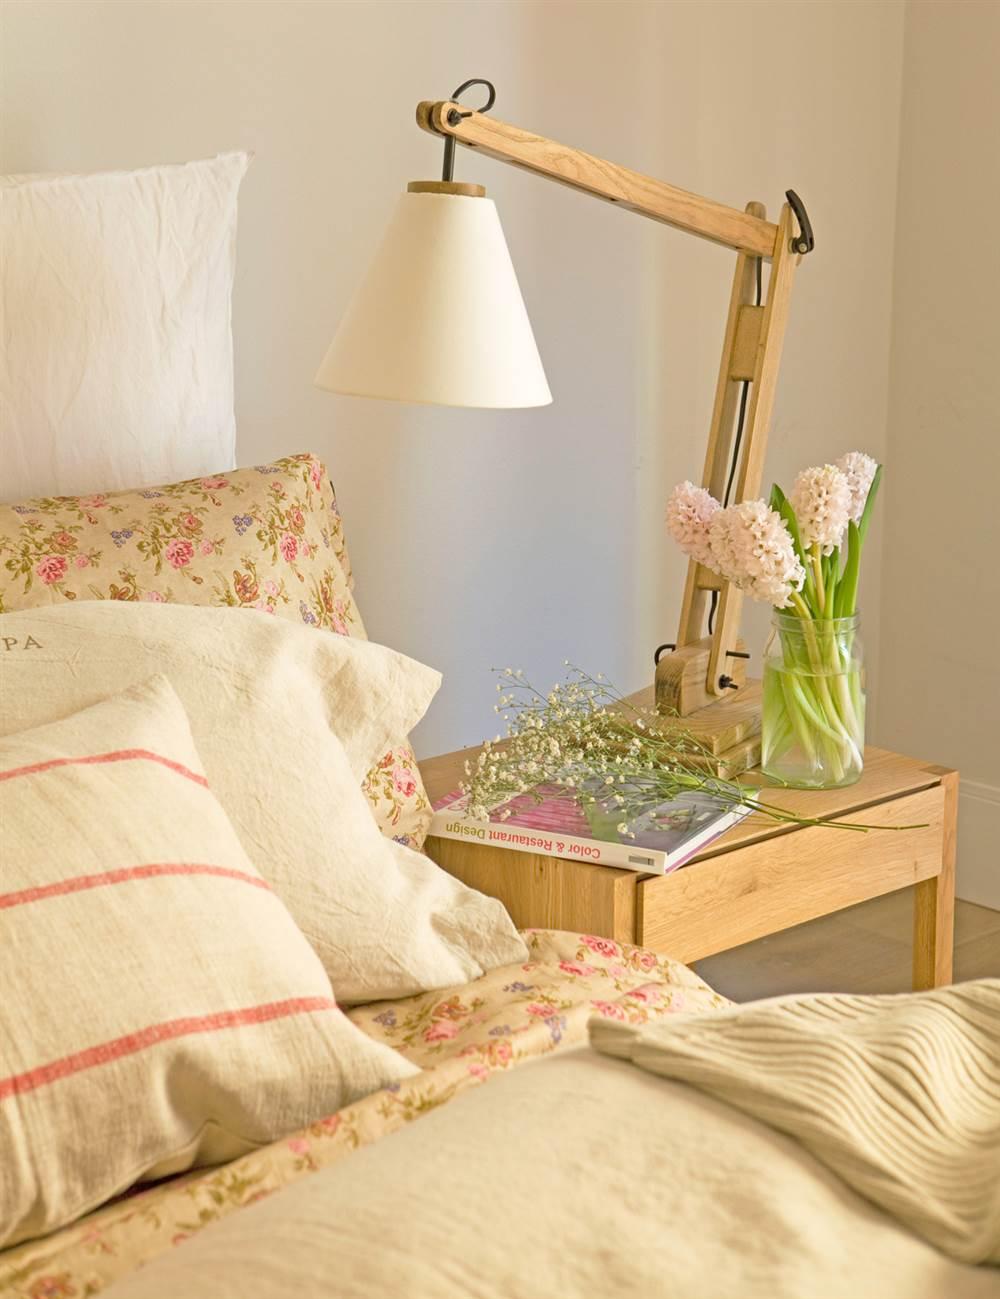 Lampara para leer en la cama excellent de noche simulacin - Luz para leer en la cama ...